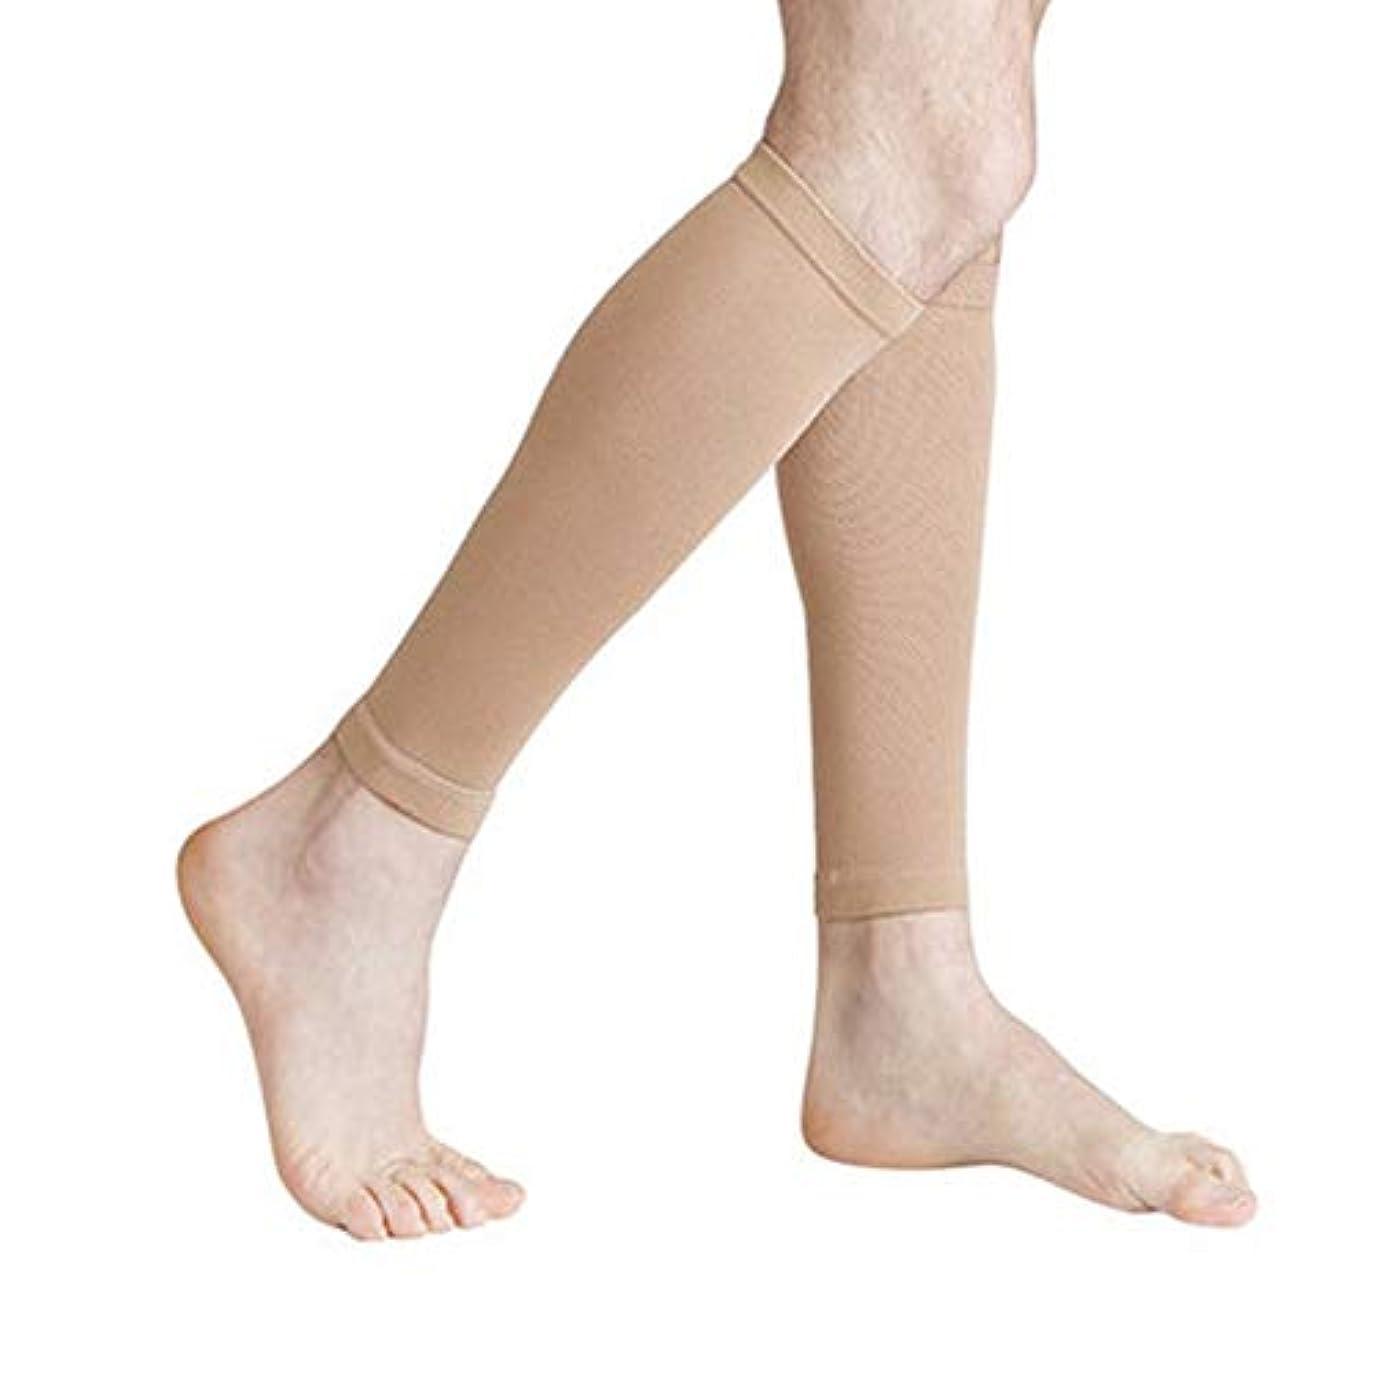 助手ほのかブラスト丈夫な男性女性プロの圧縮靴下通気性のある旅行活動看護師用シントスプリントフライトトラベル - 肌色